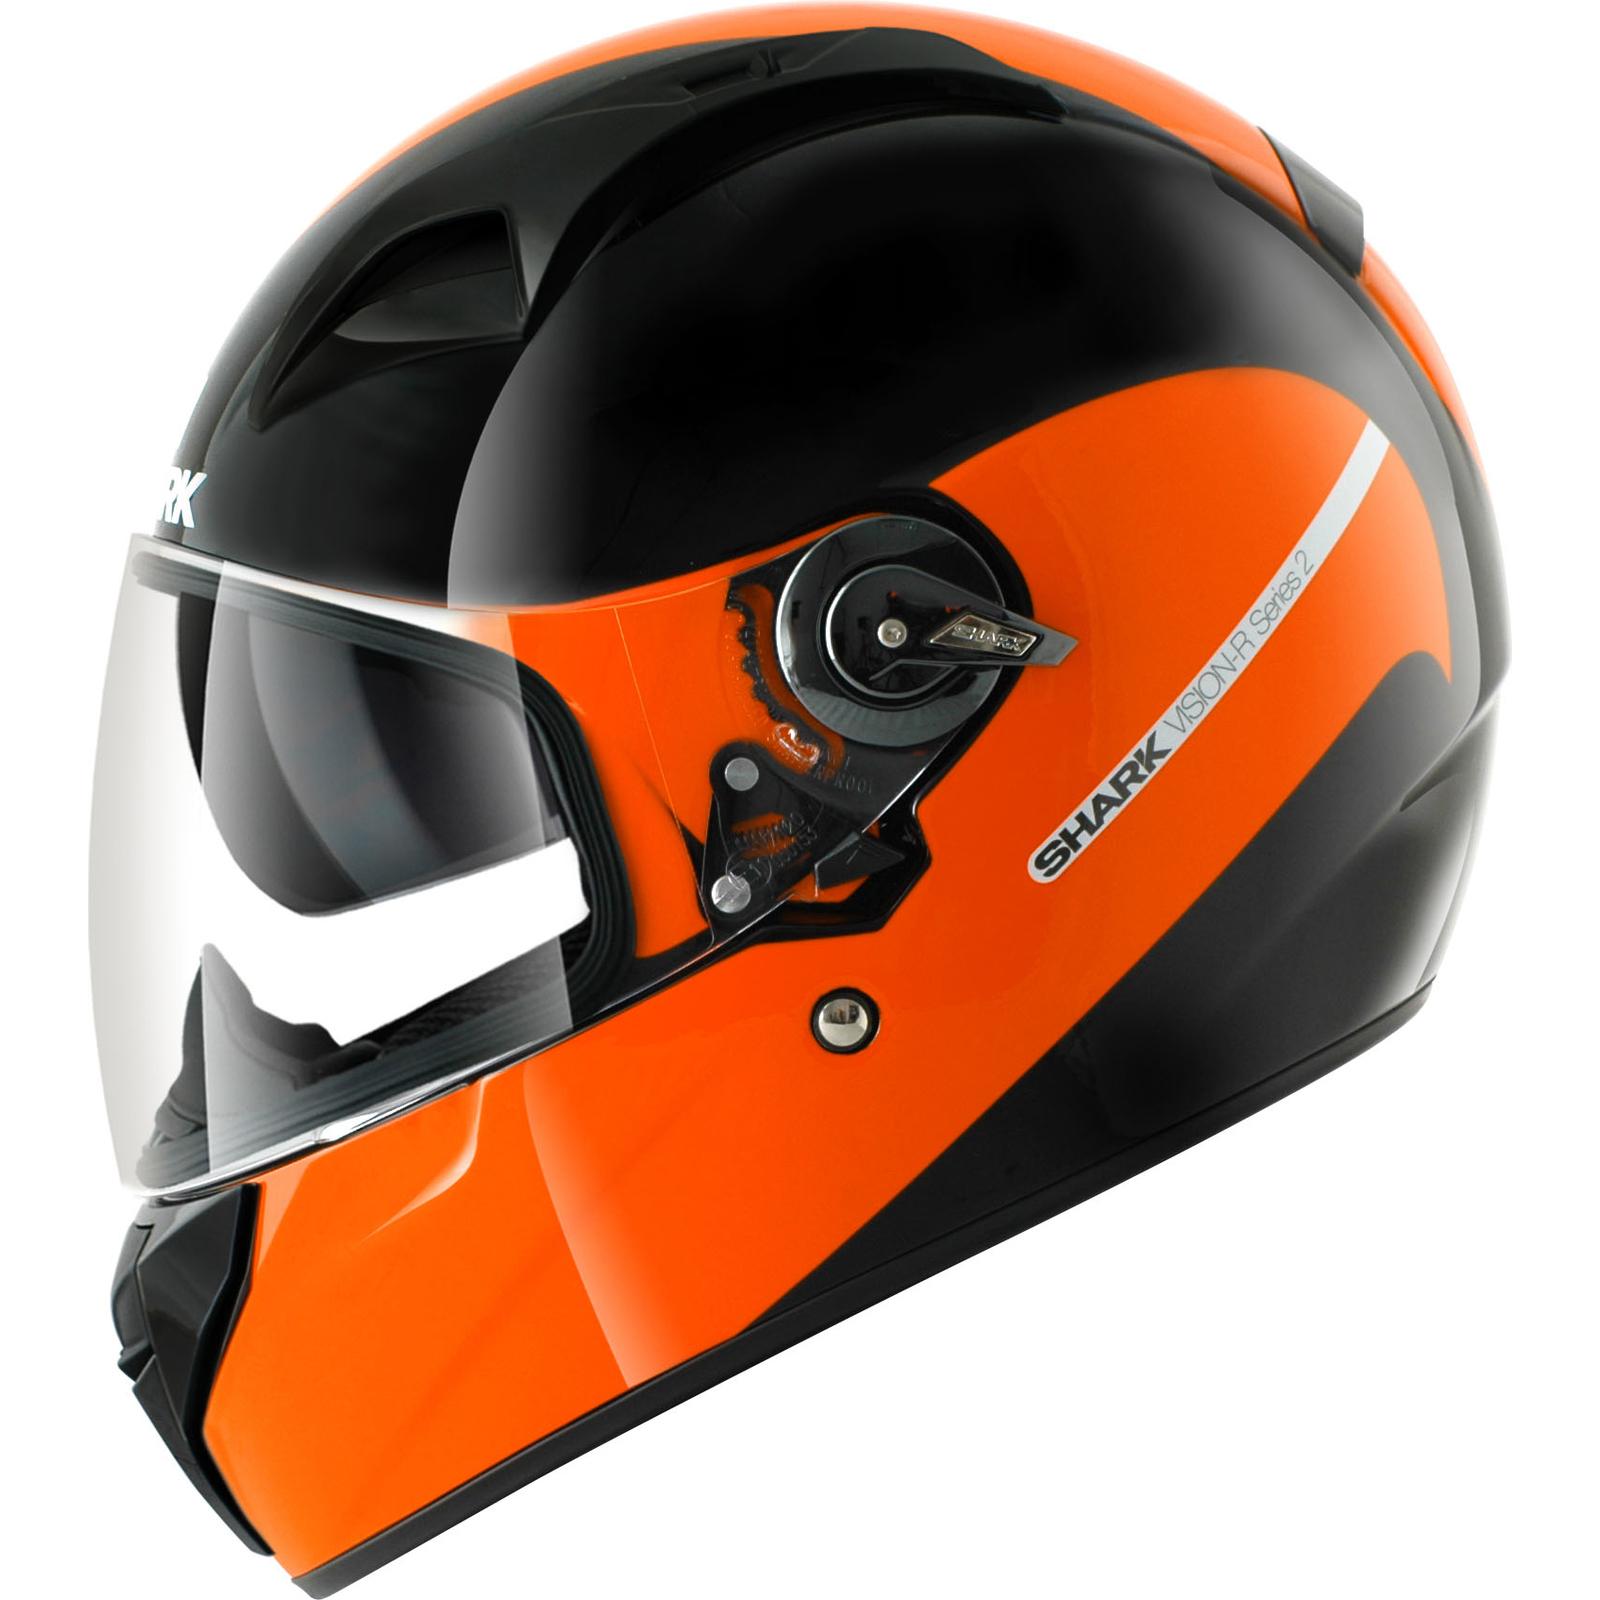 shark vision r series 2 st inko full face motorbike helmet sunvisor urban crash ebay. Black Bedroom Furniture Sets. Home Design Ideas